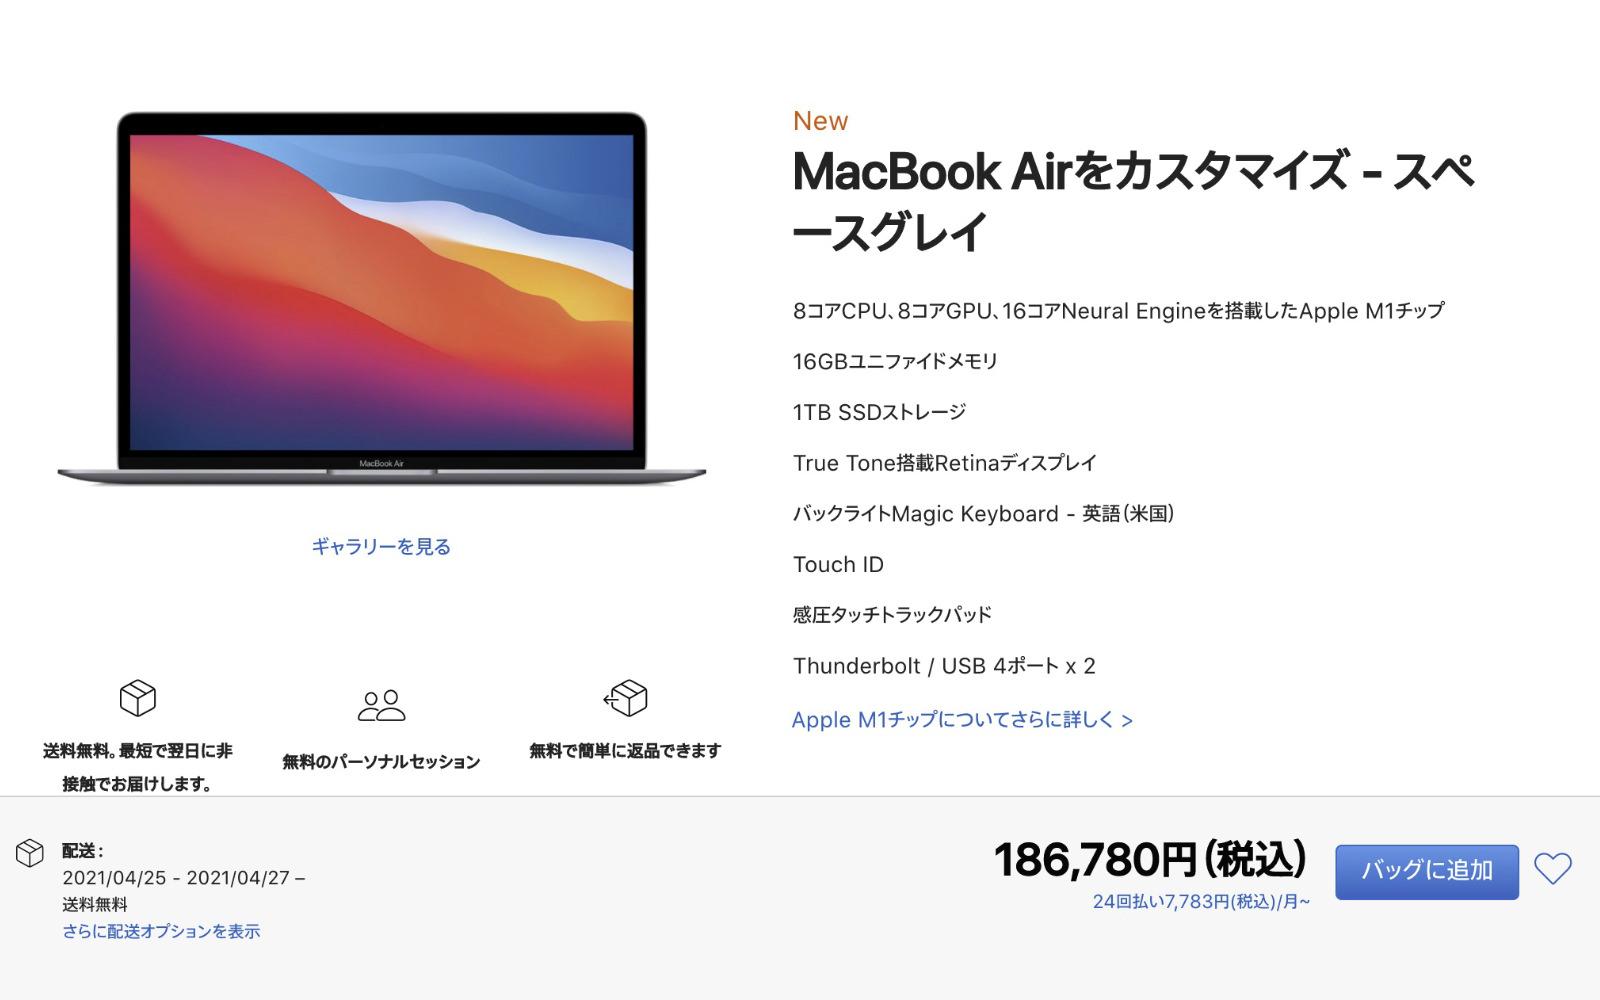 M1 MacBook Air Usual Price